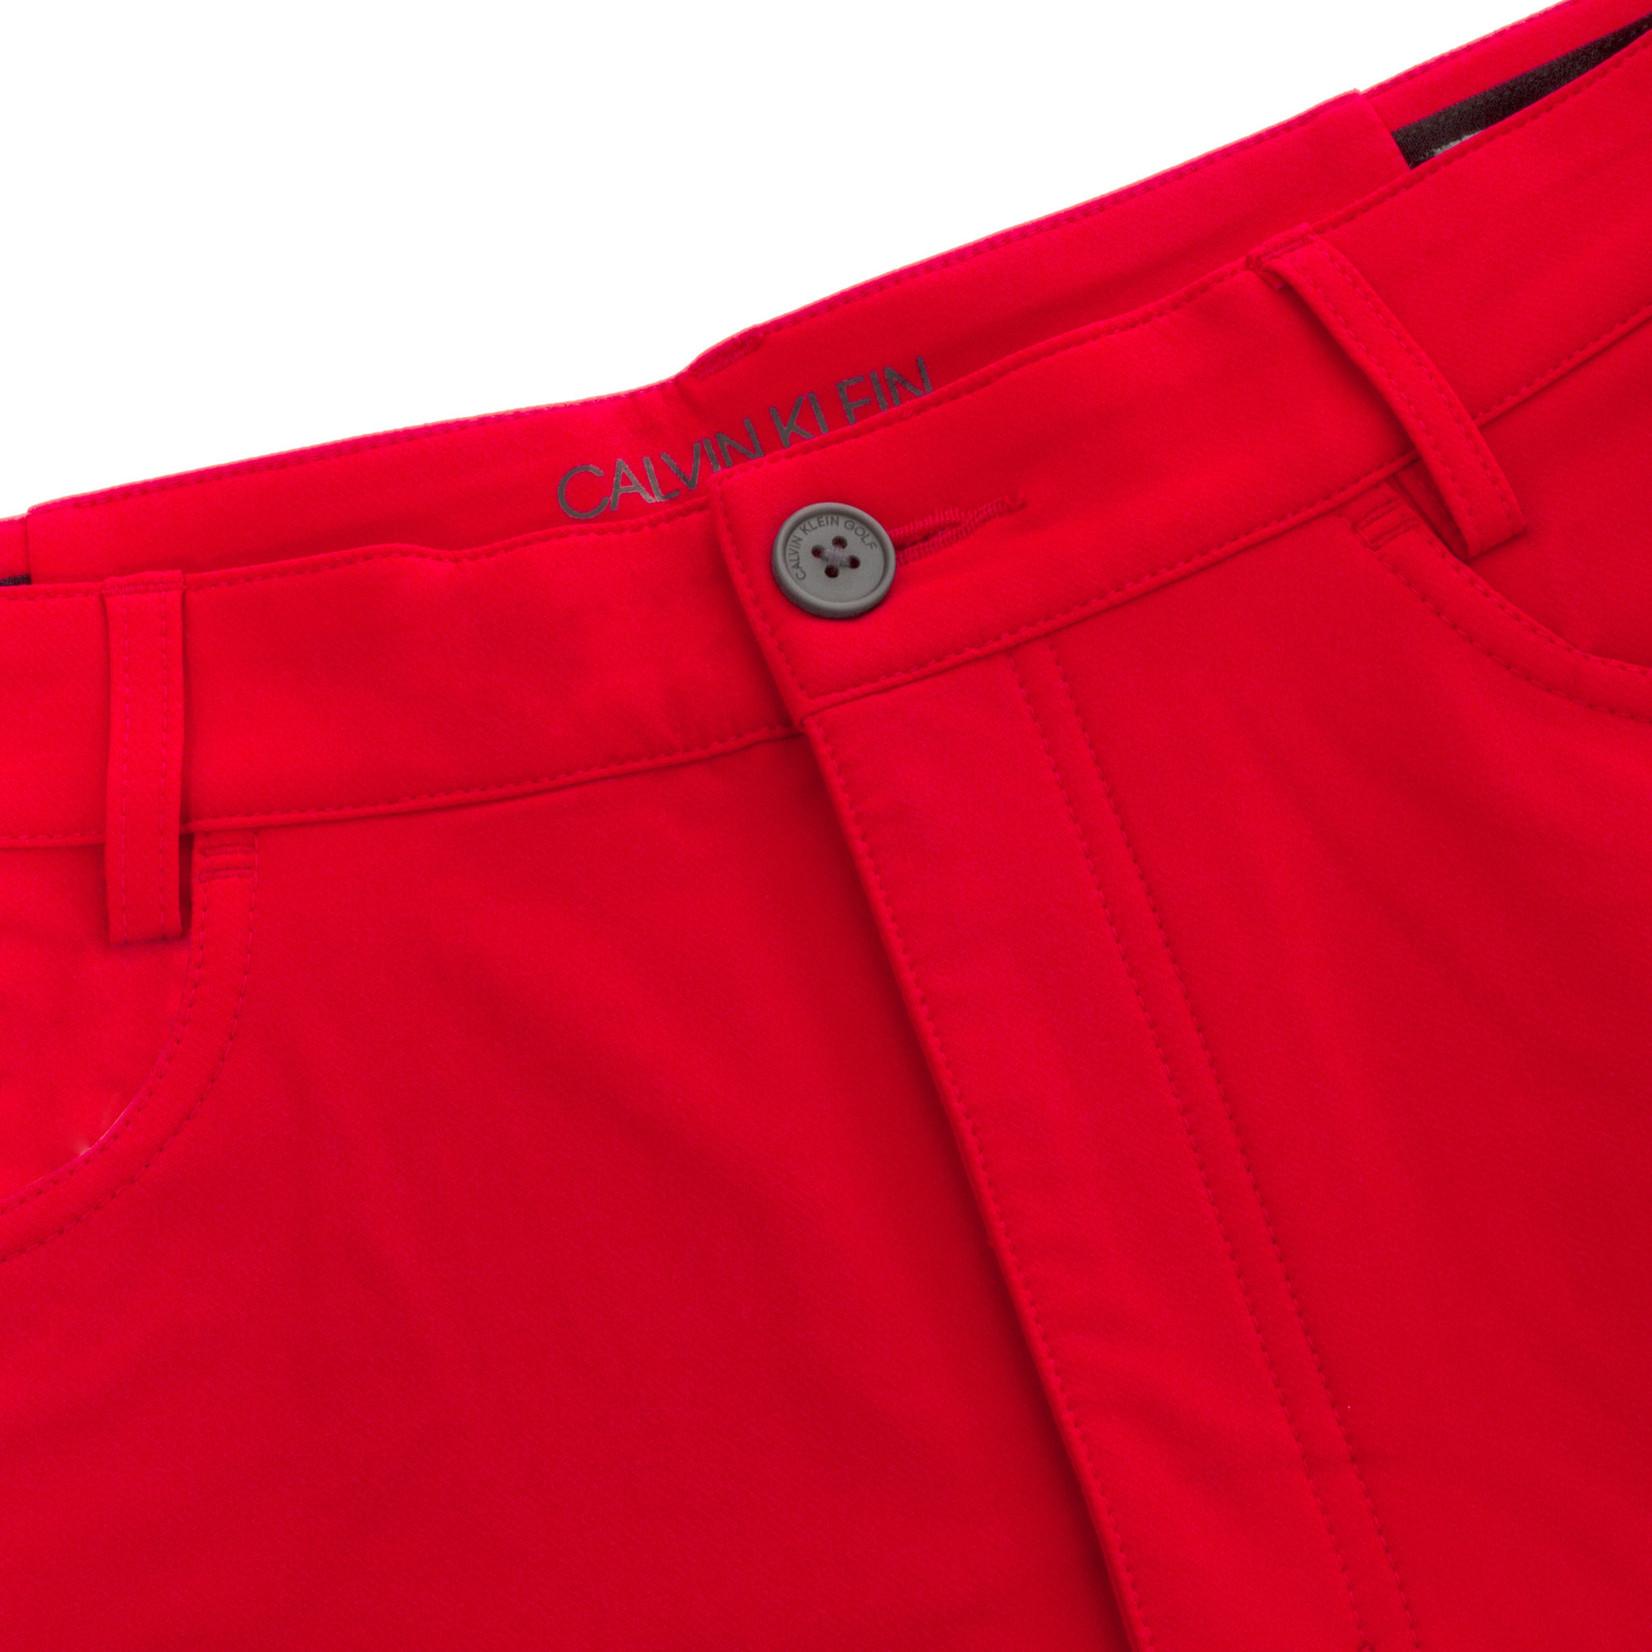 Calvin Klein Calvin Klein Genius 4-Way Stretch Short POWER RED